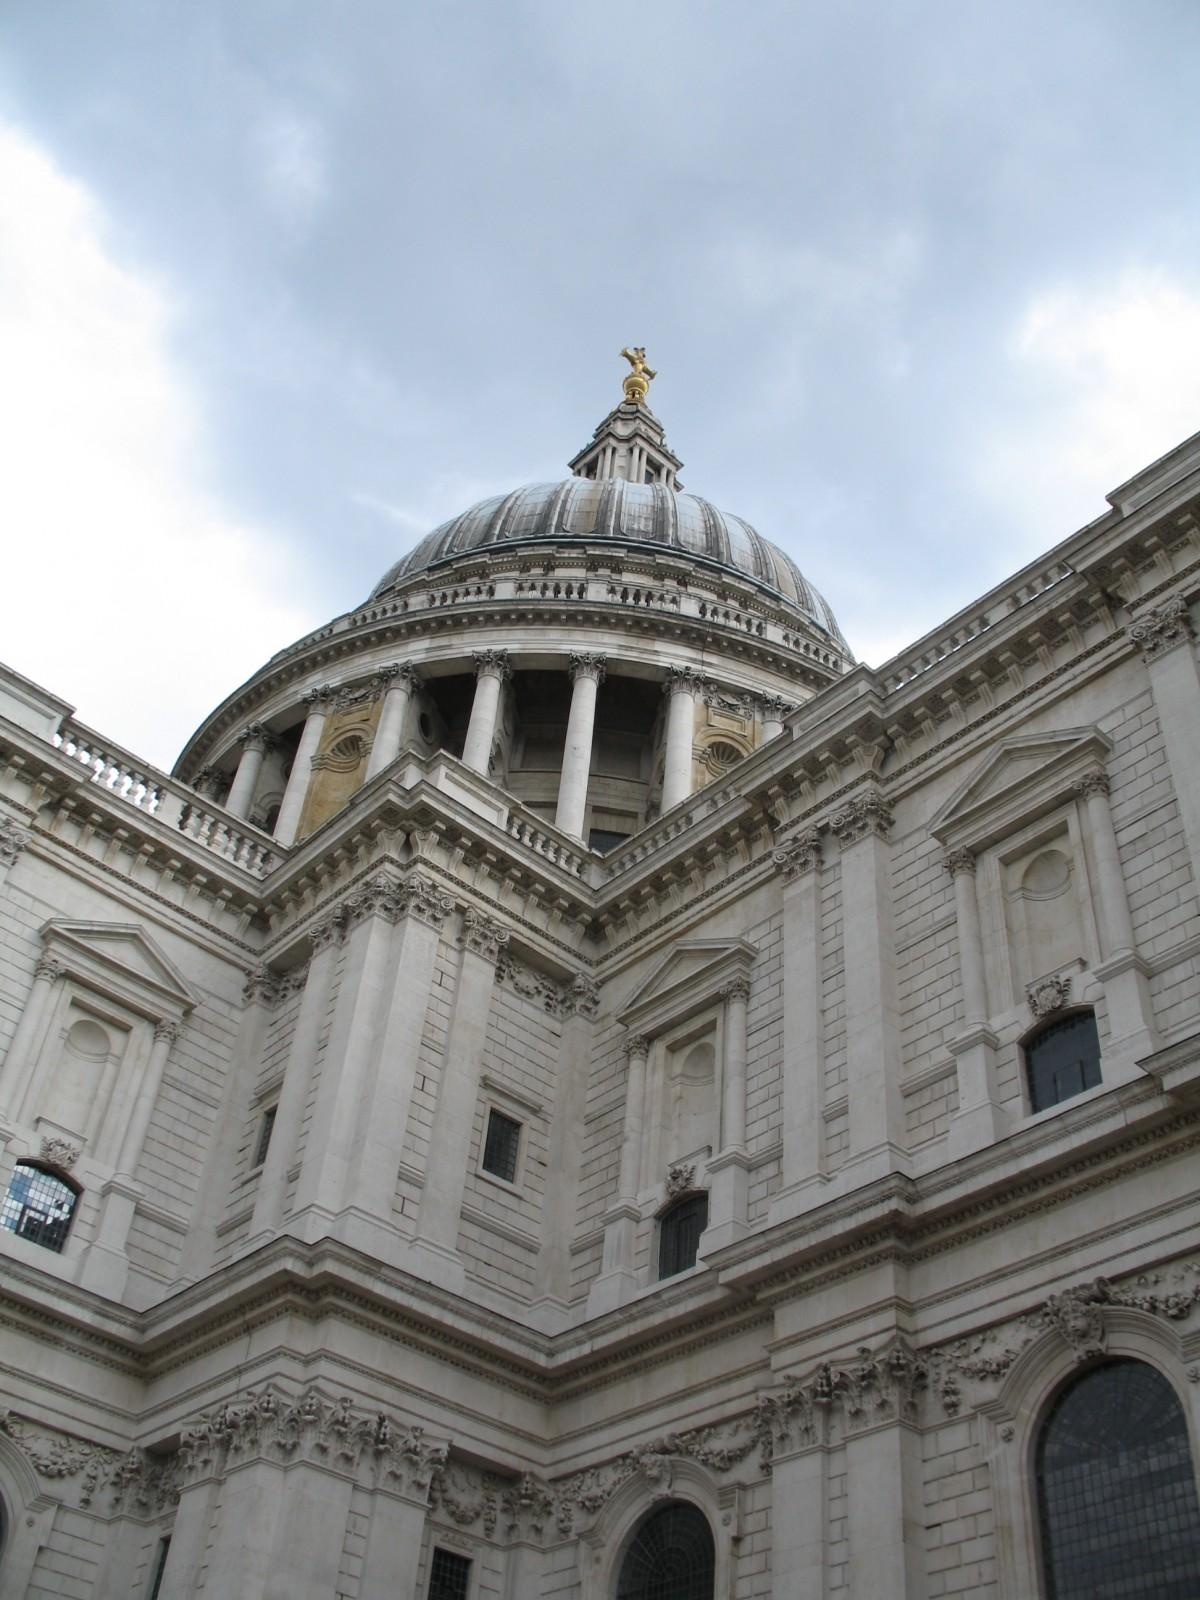 Catedrala St. Paul din Londra1111